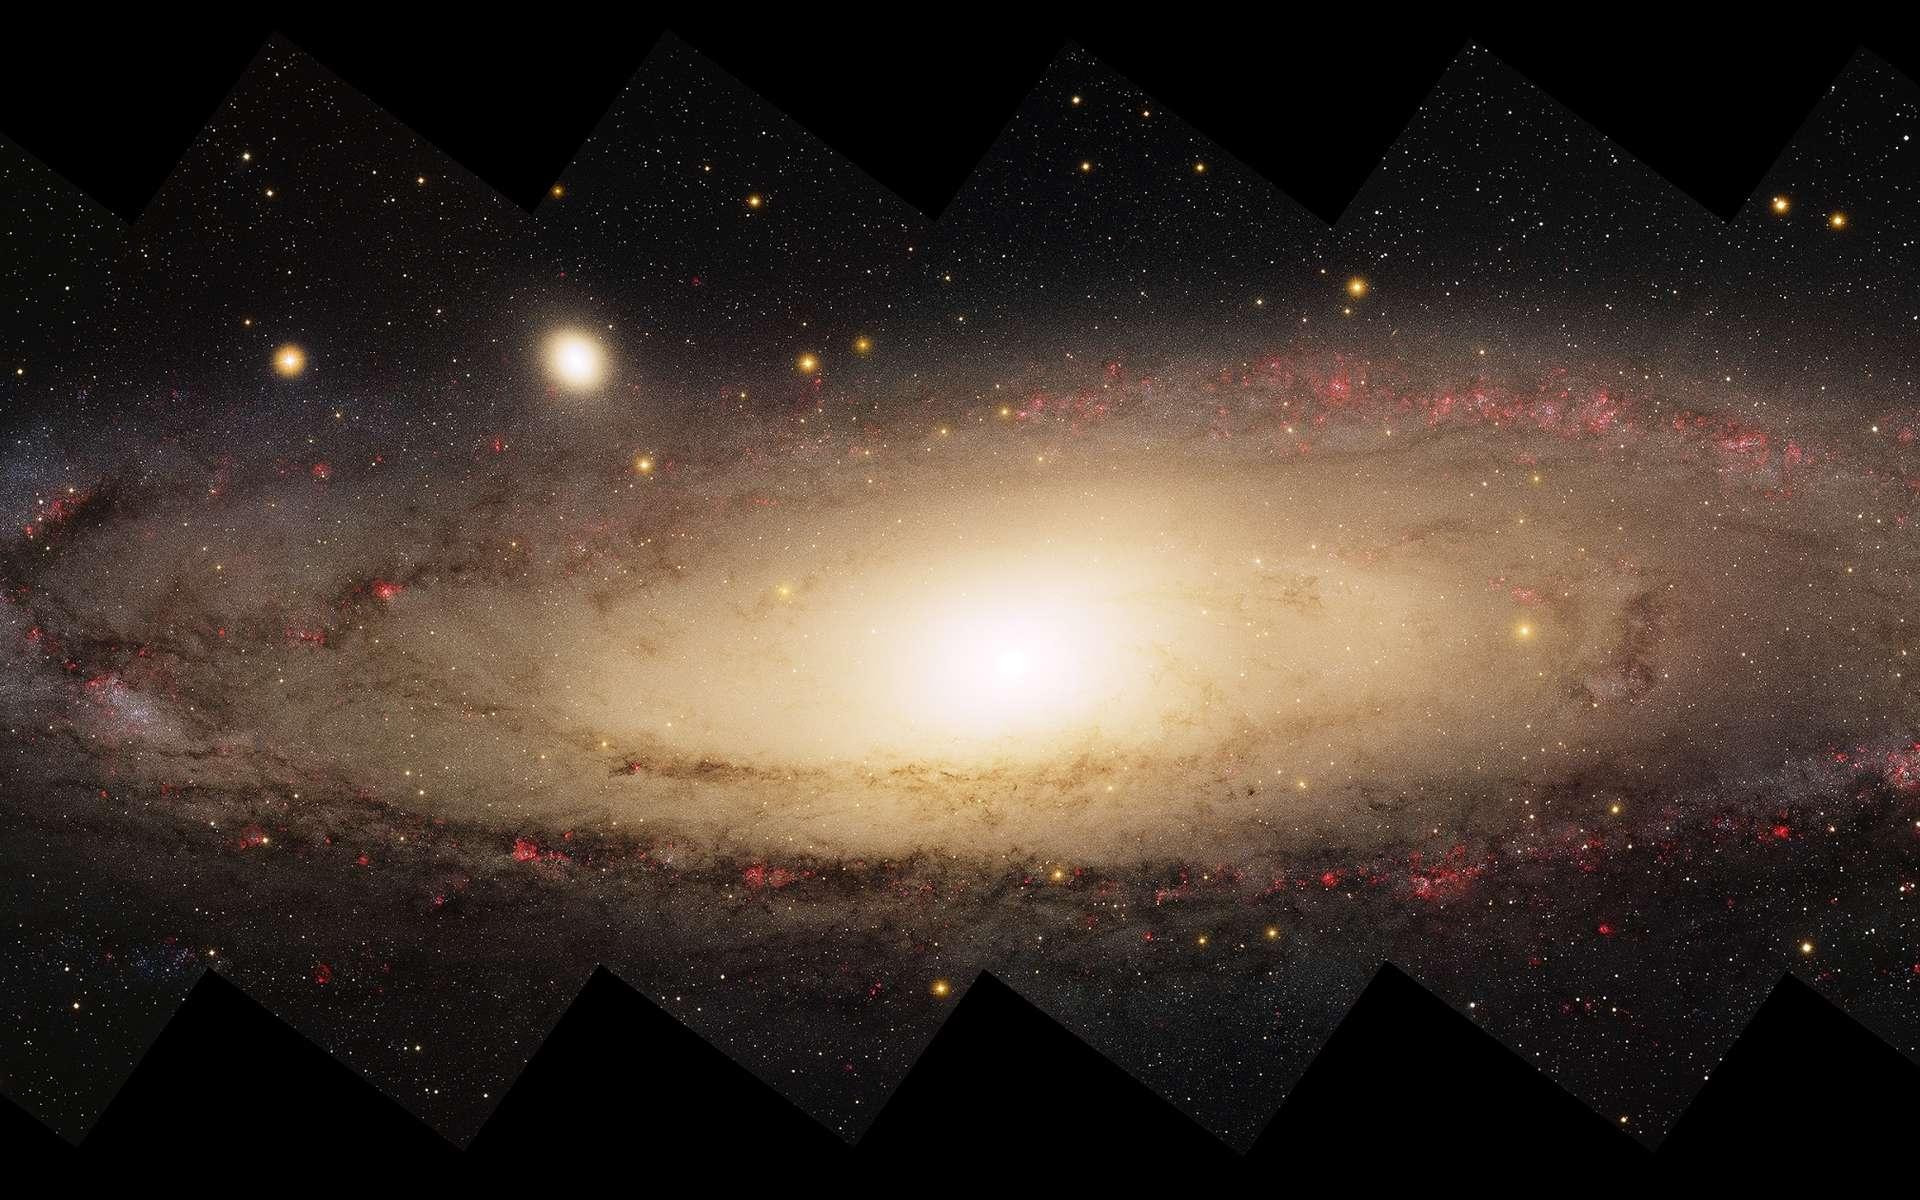 La galaxie d'Andromède, notre voisine située à quelque 2,5 millions d'années-lumière de notre Voie lactée, apparaît comme un véritable cannibale galactique, boulimique, dévorant d'autres galaxies. © © Local Group Survey Team and T.A. Rector (University of Alaska Anchorage), NOAO